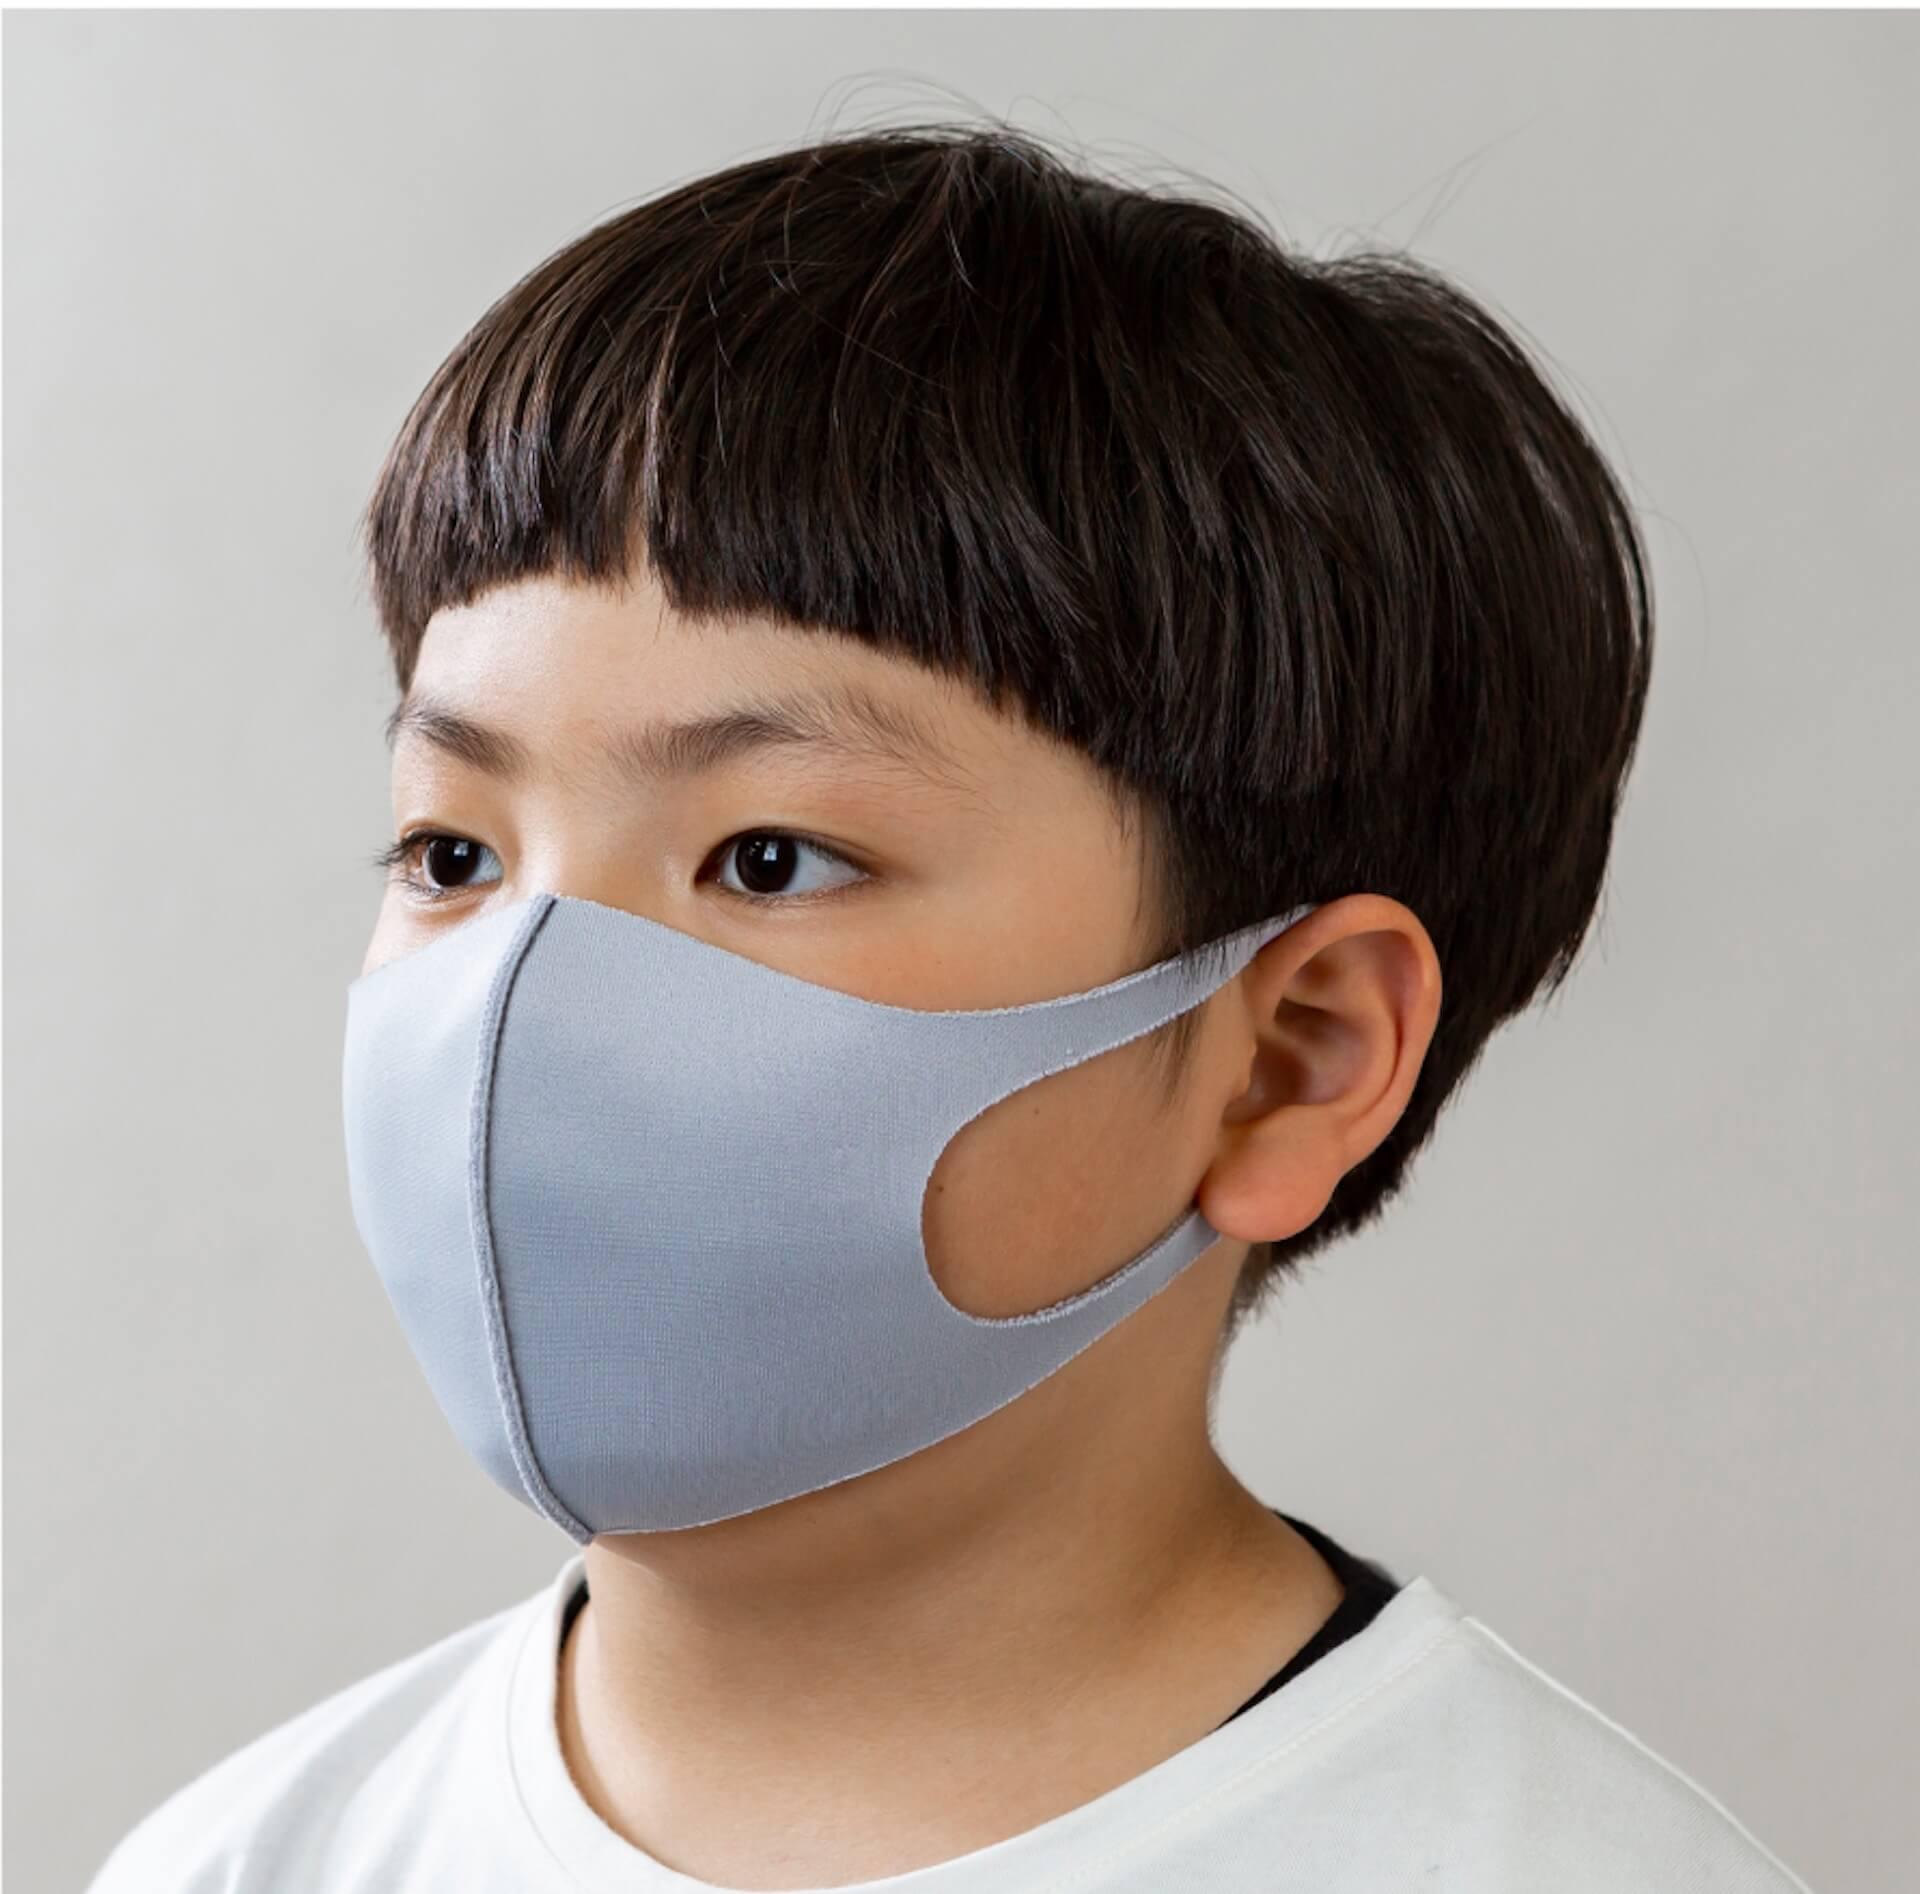 SONOのマスクにメイクの汚れを解消するベージュの新色が登場!抗菌・UVプロテクトマスクも予約受付中 lf200706_sono_mask_19